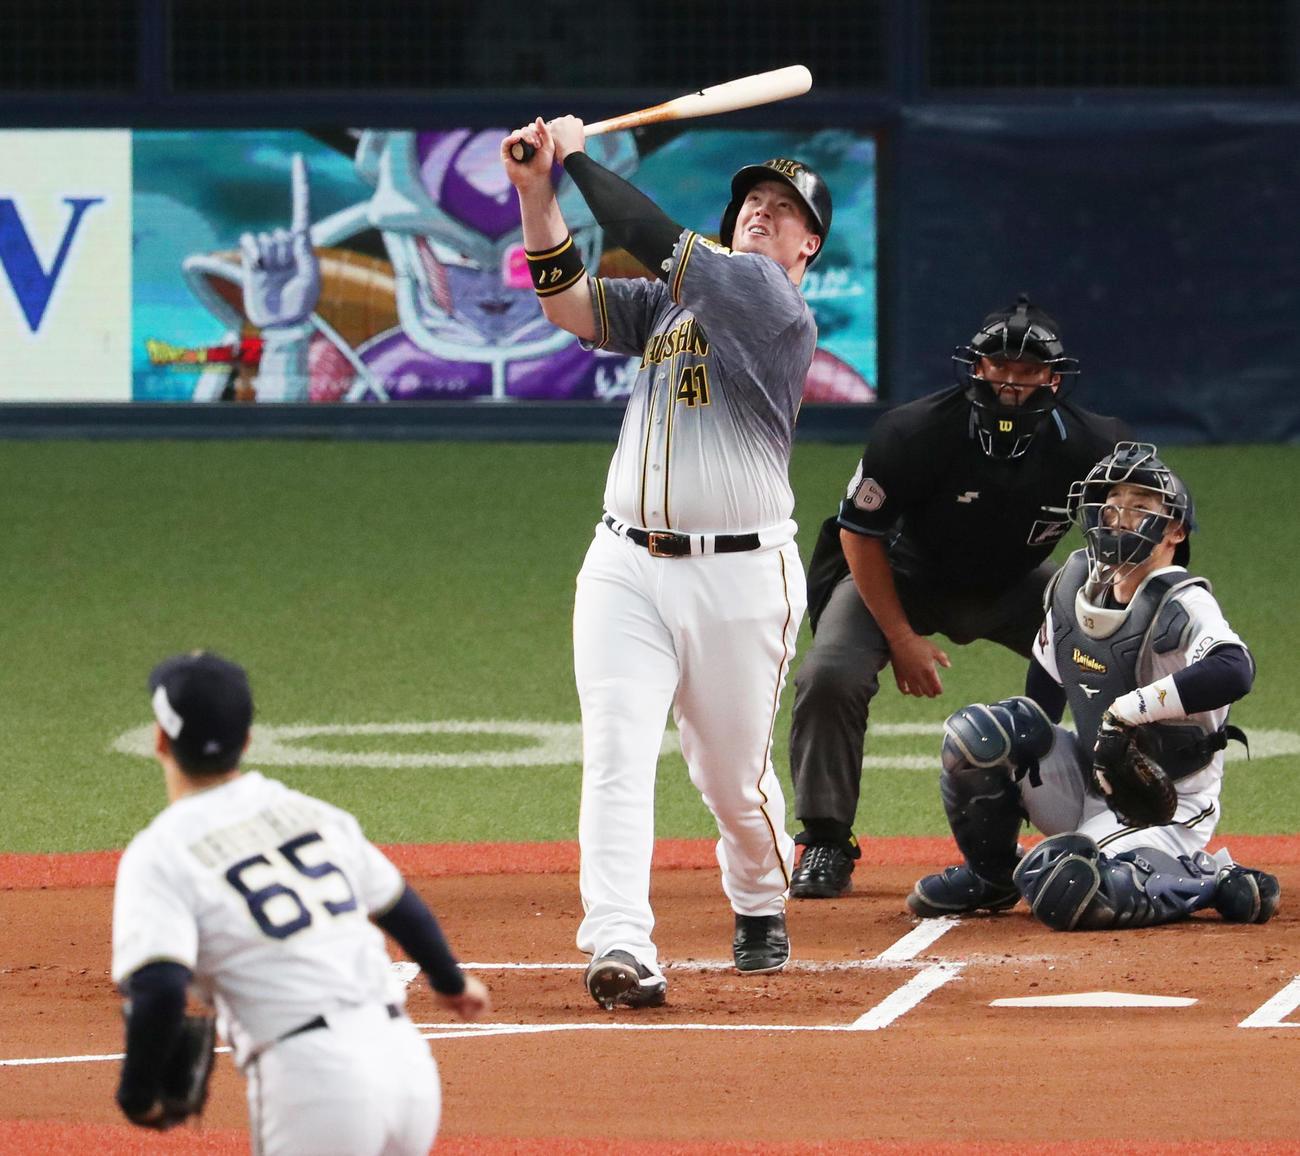 オリックス対阪神 1回表阪神2死一塁、右飛に倒れるボーア(撮影・清水貴仁)